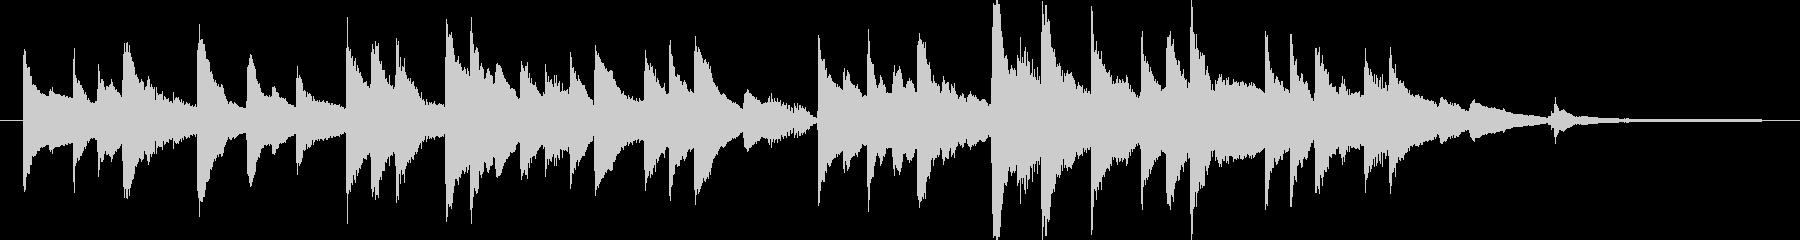 ピアノソロ/感動系/切ないの未再生の波形